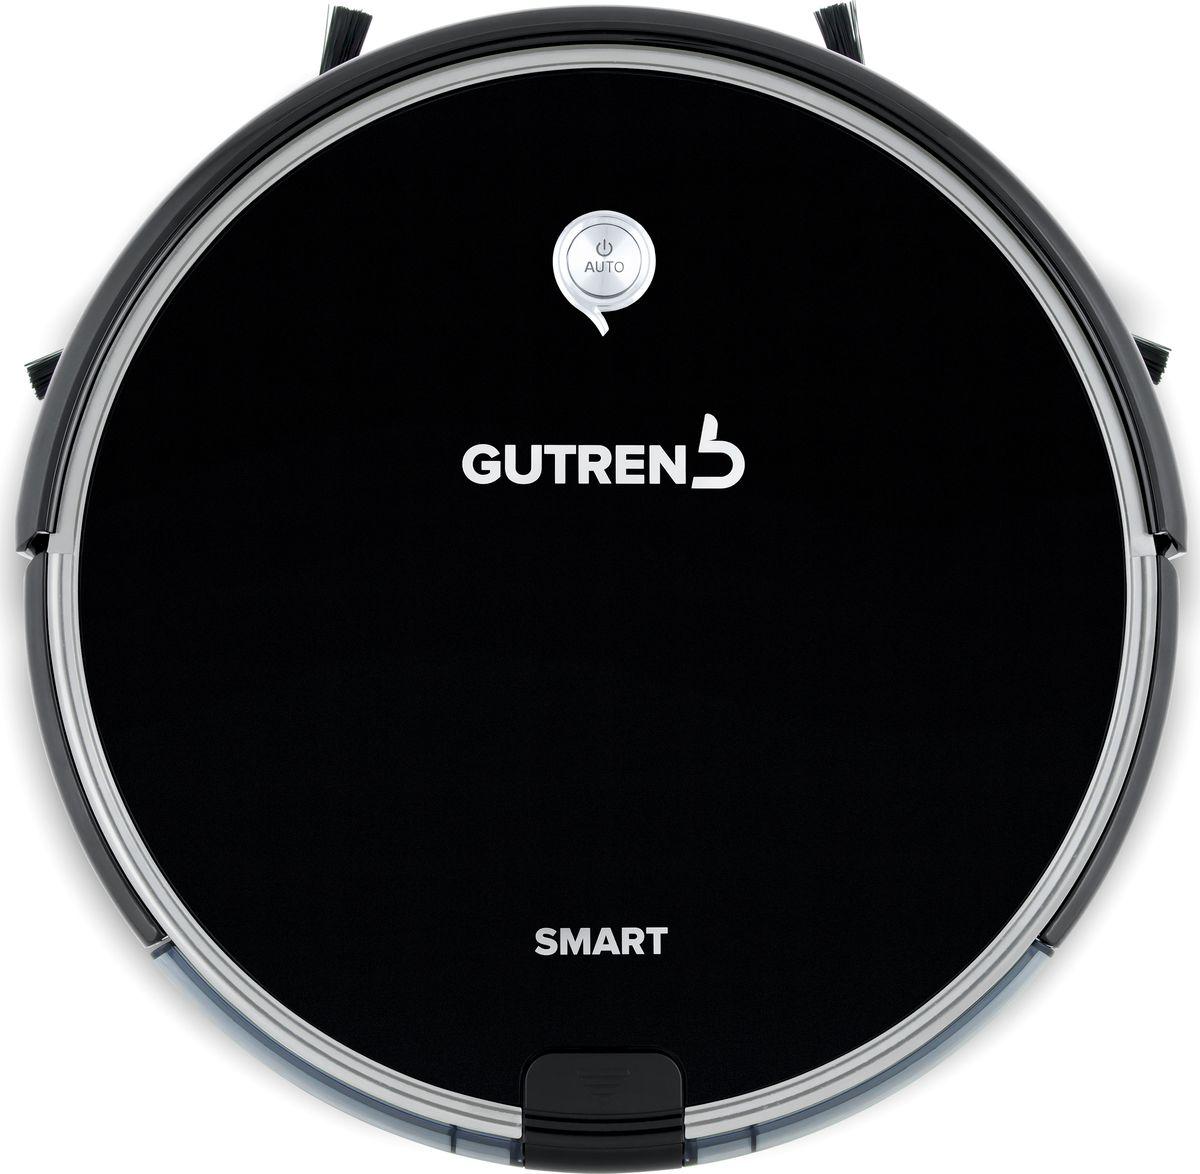 Gutrend Smart 300, Black робот-пылесосG300BРобот-пылесос GUTREND SMART 300 – это интеллектуальный подход к ежедневной уборке. Под элегантным корпусом кроются технологии, которые могут переписать Ваш опыт в наведении порядка. Новый GUTREND SMART 300 предназначен как для сухой, так и для влажной уборки всех типов напольных покрытий. Наилучшим образом все его возможности раскроются на большой площади уборки за счет аккумулятора высокой емкости. Благодаря технологии OPTIMAL ROUTE робот-пылесос SMART 300 обеспечивает последовательную уборку помещения, сокращая тем самым необходимое для качественной уборки время. Усовершенствованная технология влажной уборки с автоматической подачей воды получила название SMART DRIP 2.0. В этой версии за четкое дозирование жидкости во время уборки отвечает надежная электронная система, которая гарантированно прекращает подачу воды во время остановки пылесоса.